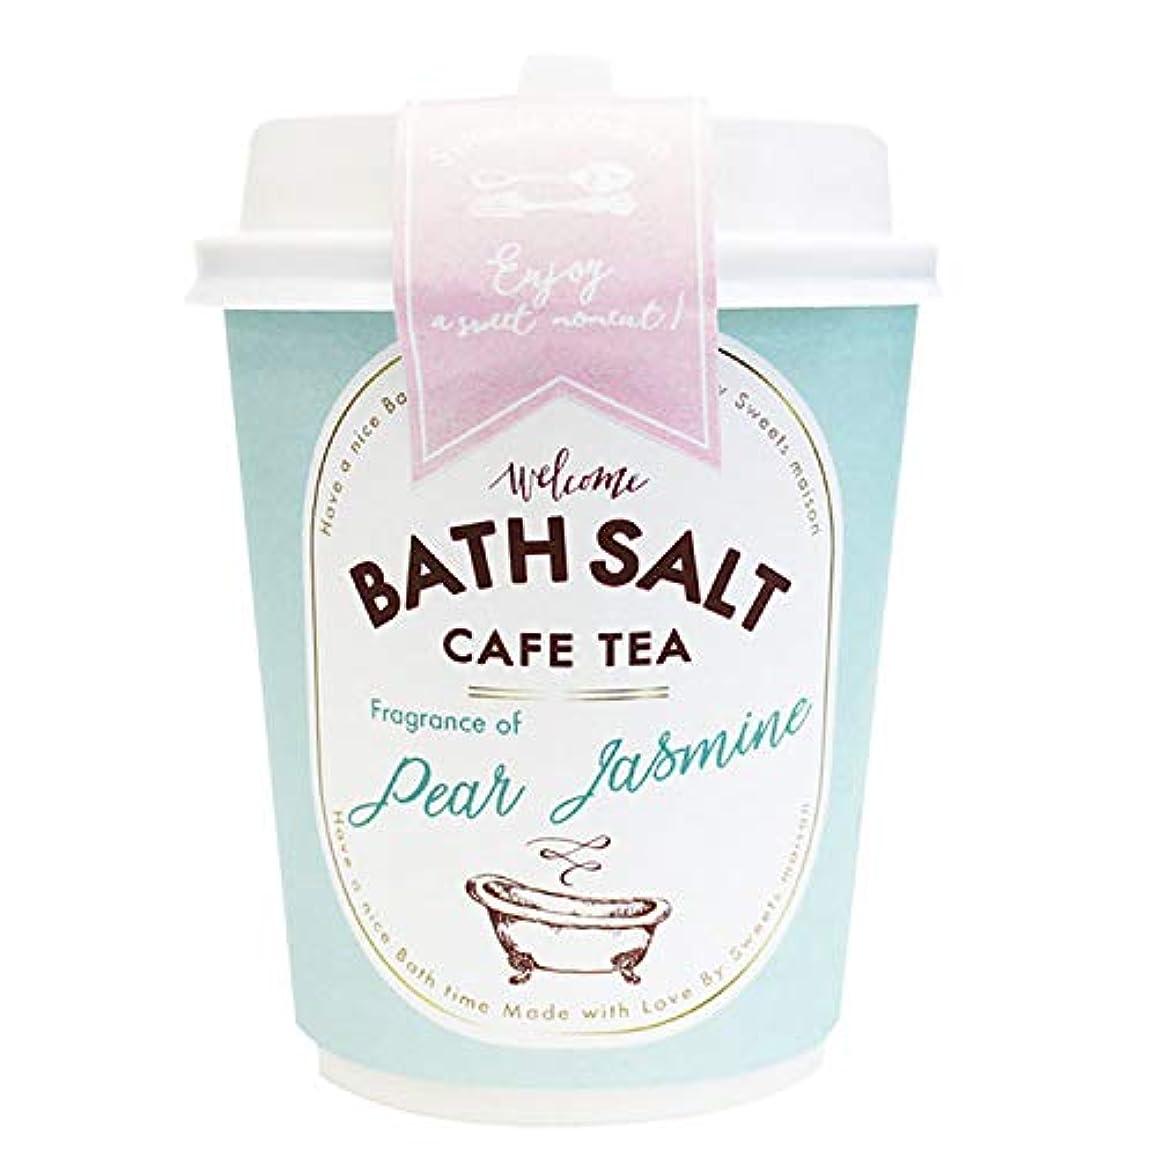 十代州民主党ノルコーポレーション バスソルト スウィーツメゾン カフェティーバスソルト OB-SMM-48-2 入浴剤 ペアージャスミンの香り 80g